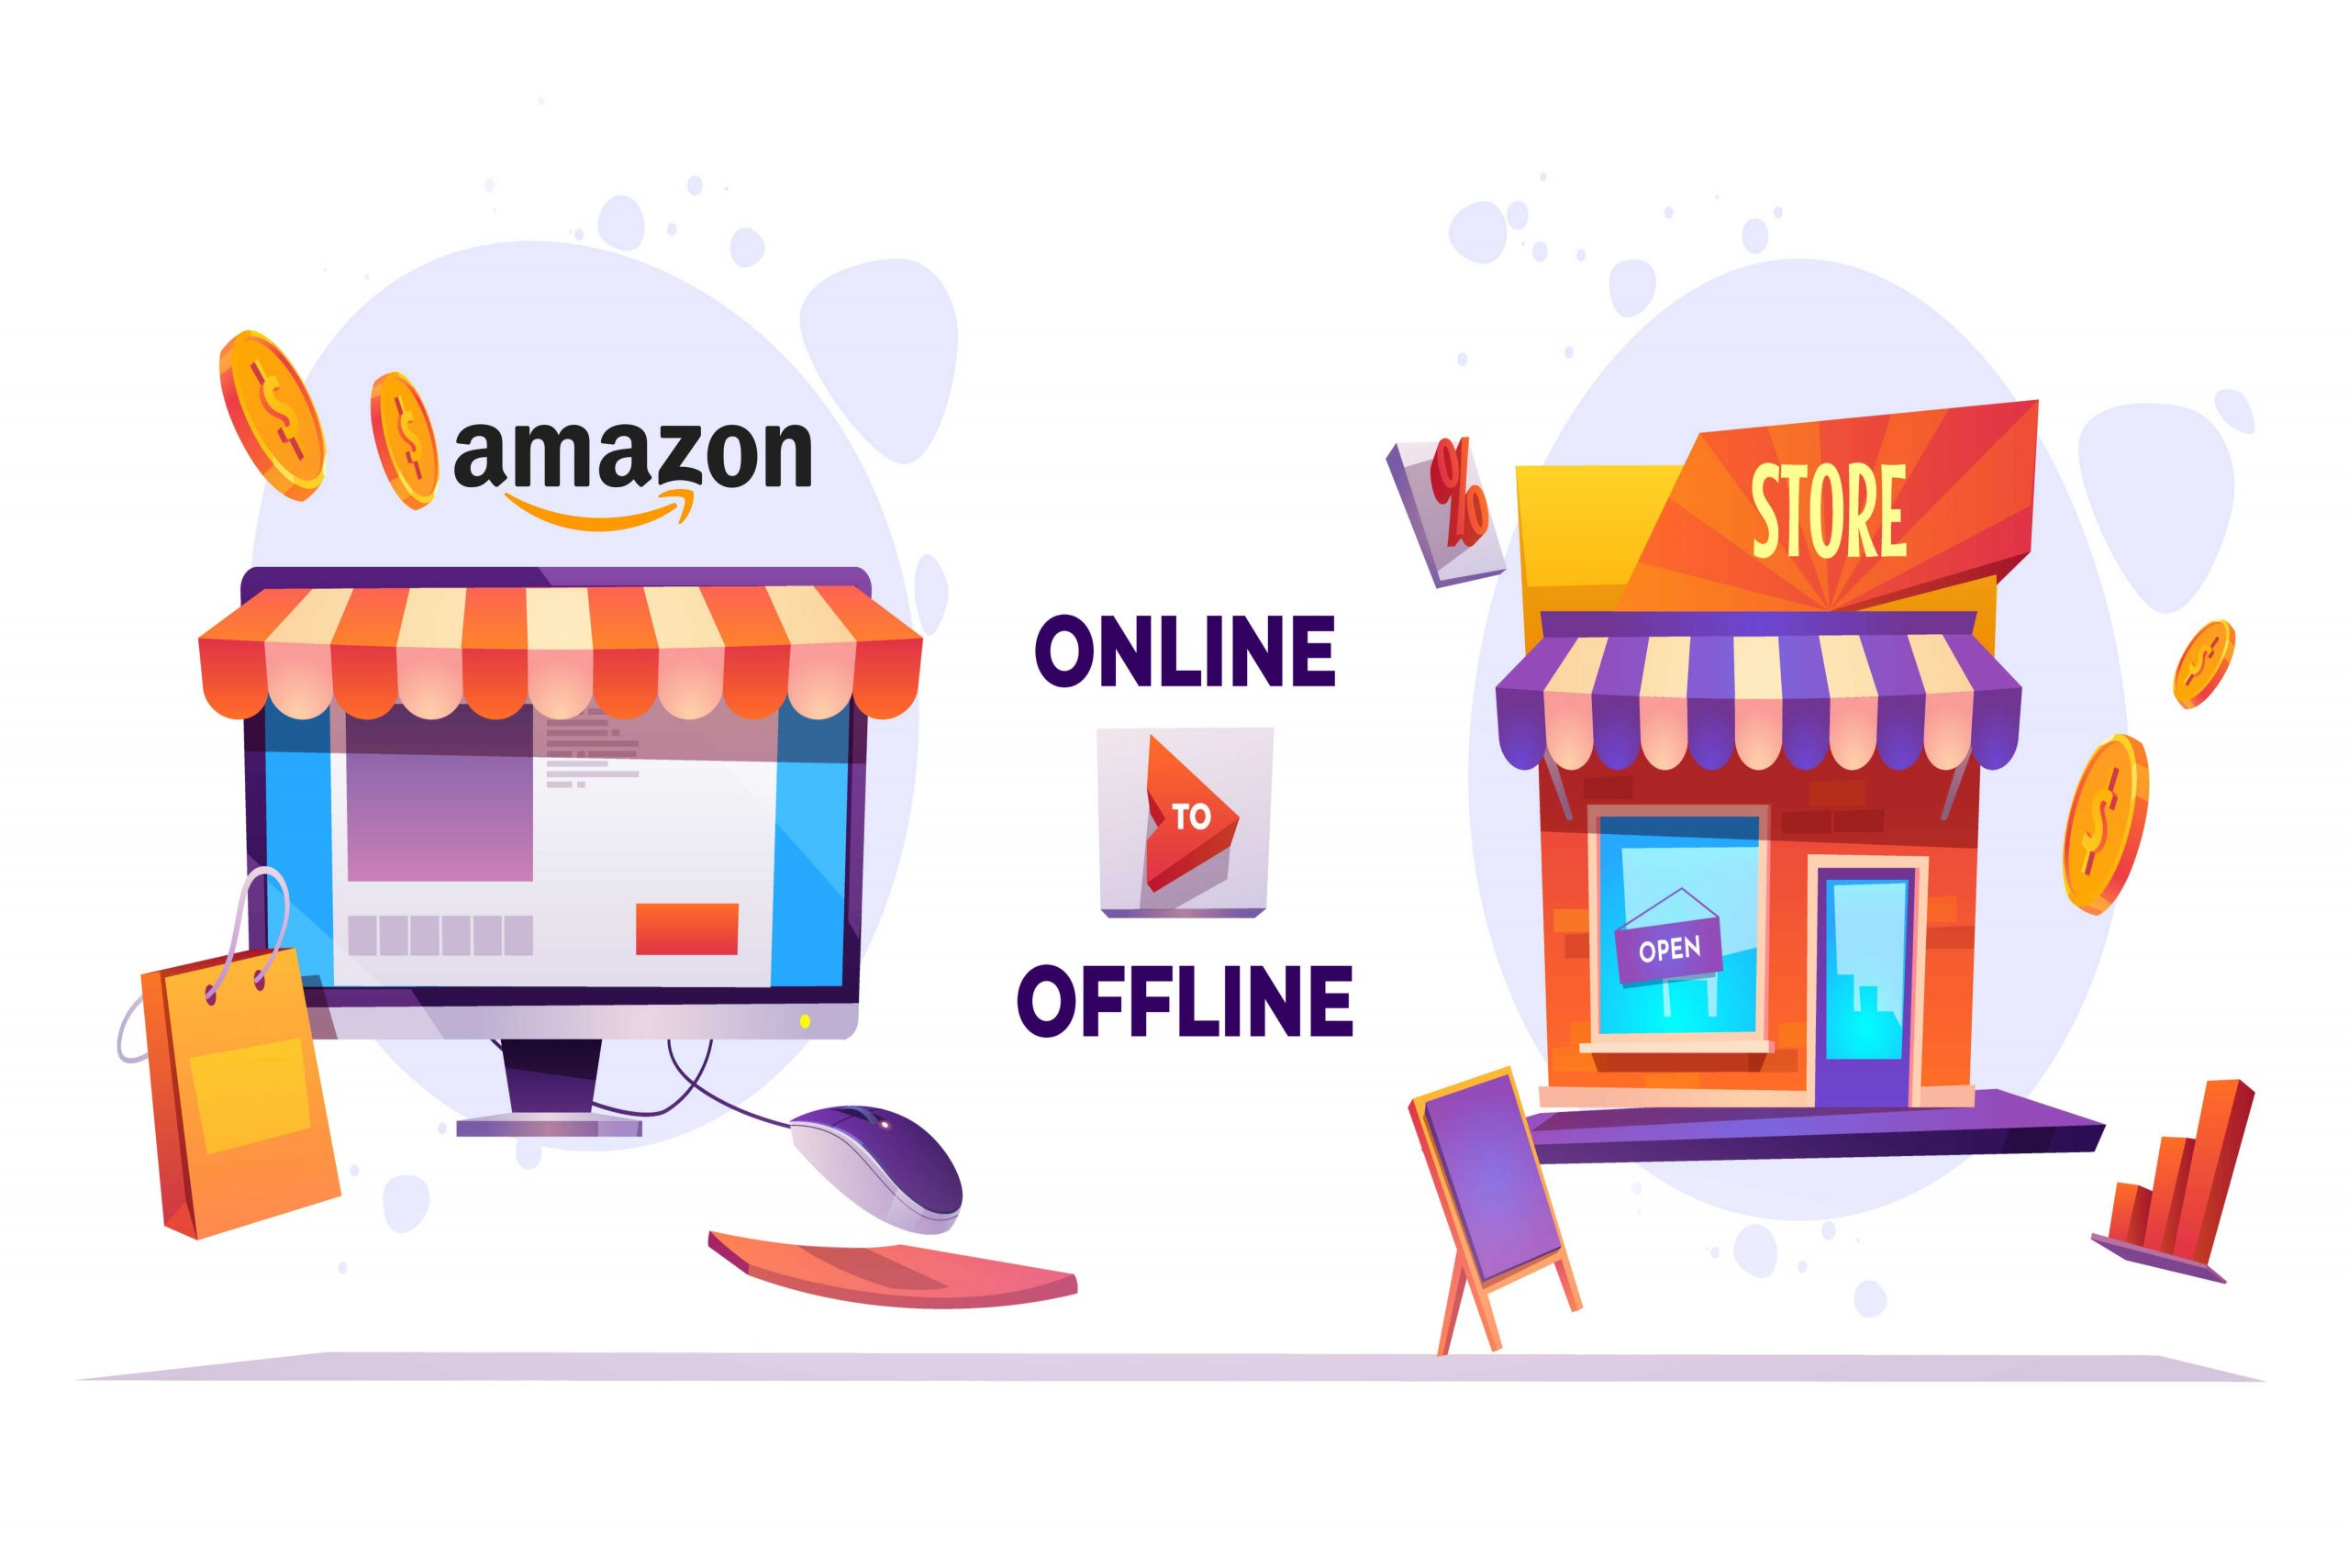 Amazon Versus Walmart - Why Sell on Amazon